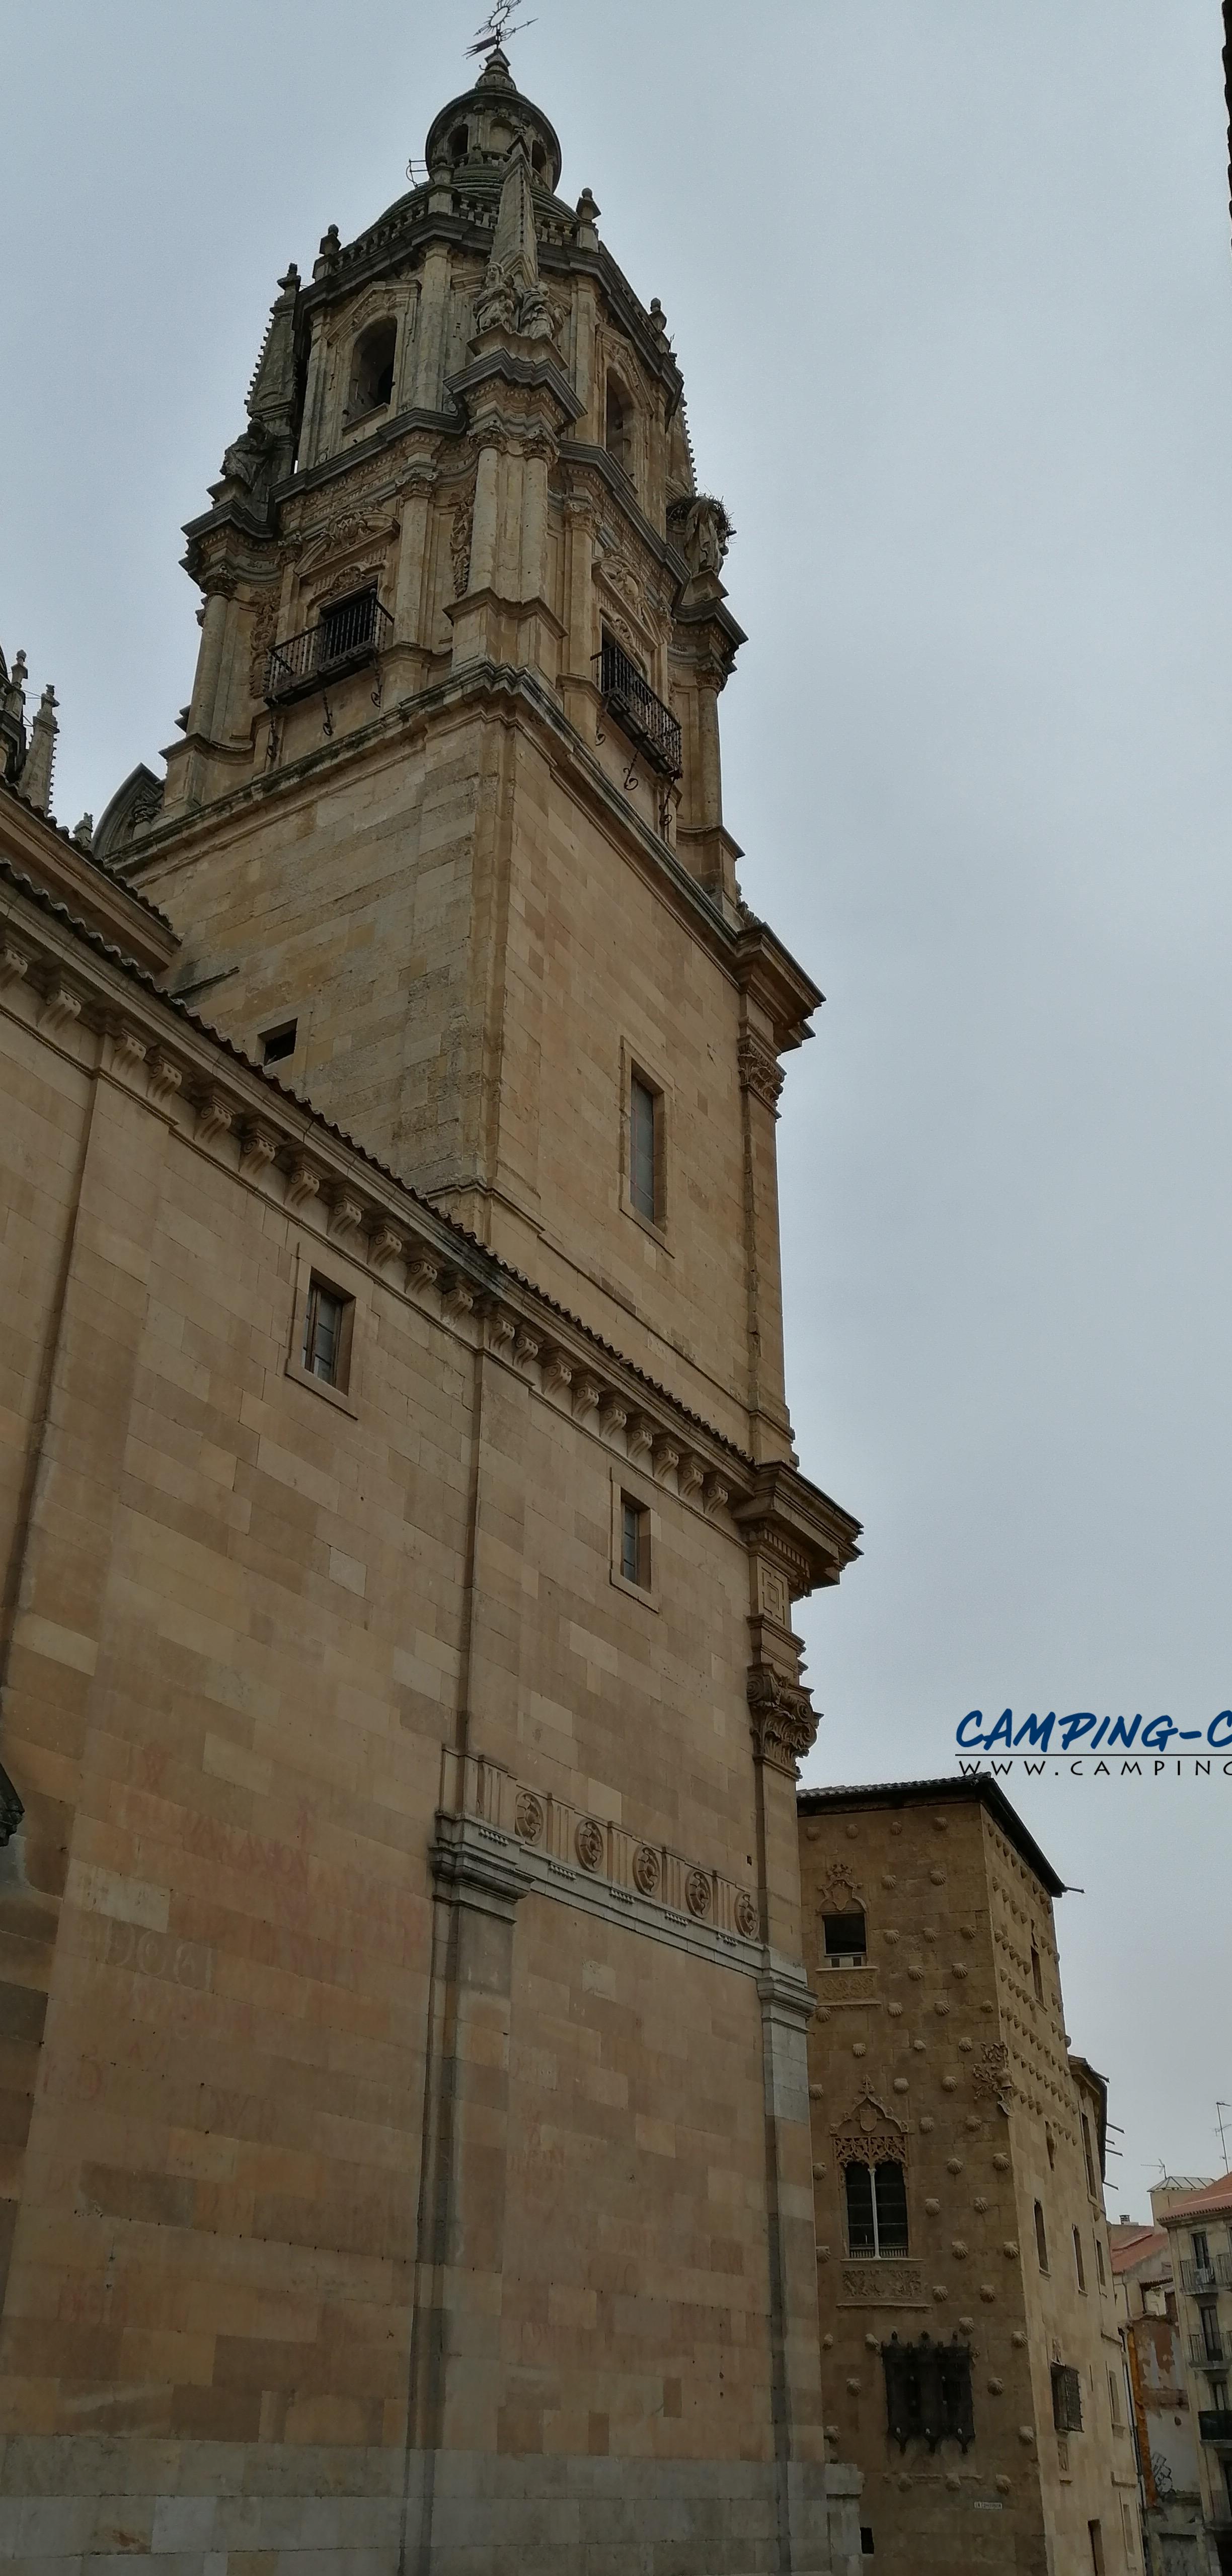 stationnement gratuit camping car Salamanca Salamanque Espagne Spain